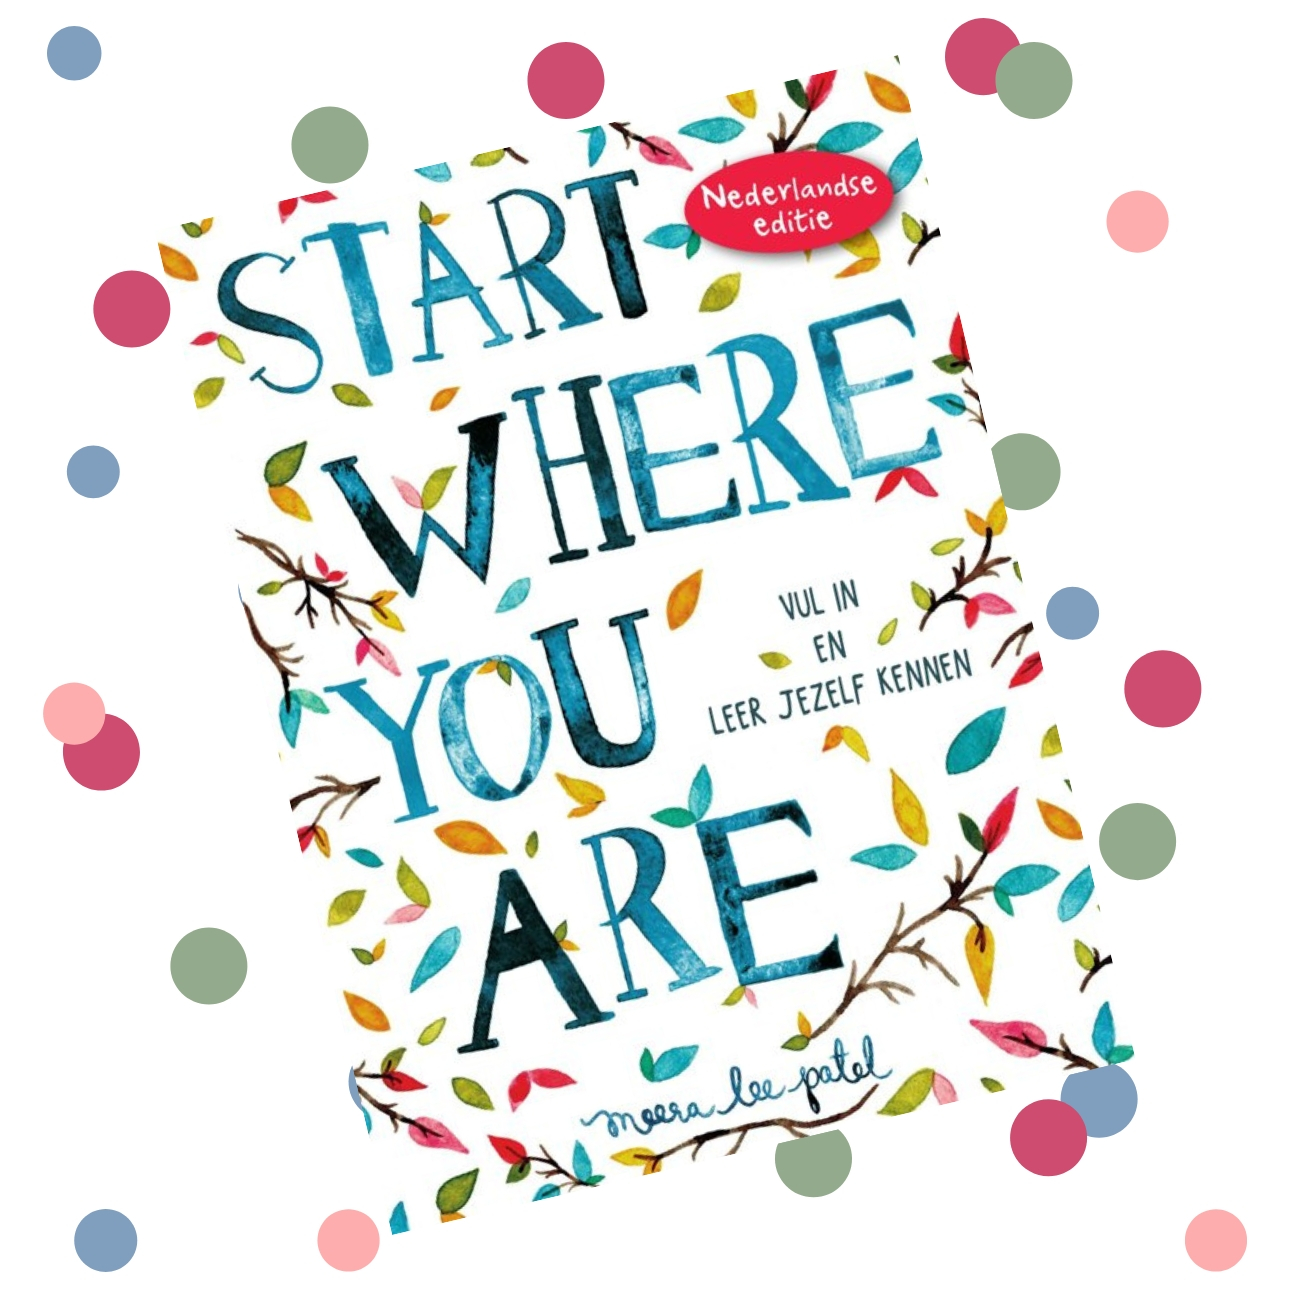 dagboeken wishlist - start where you are